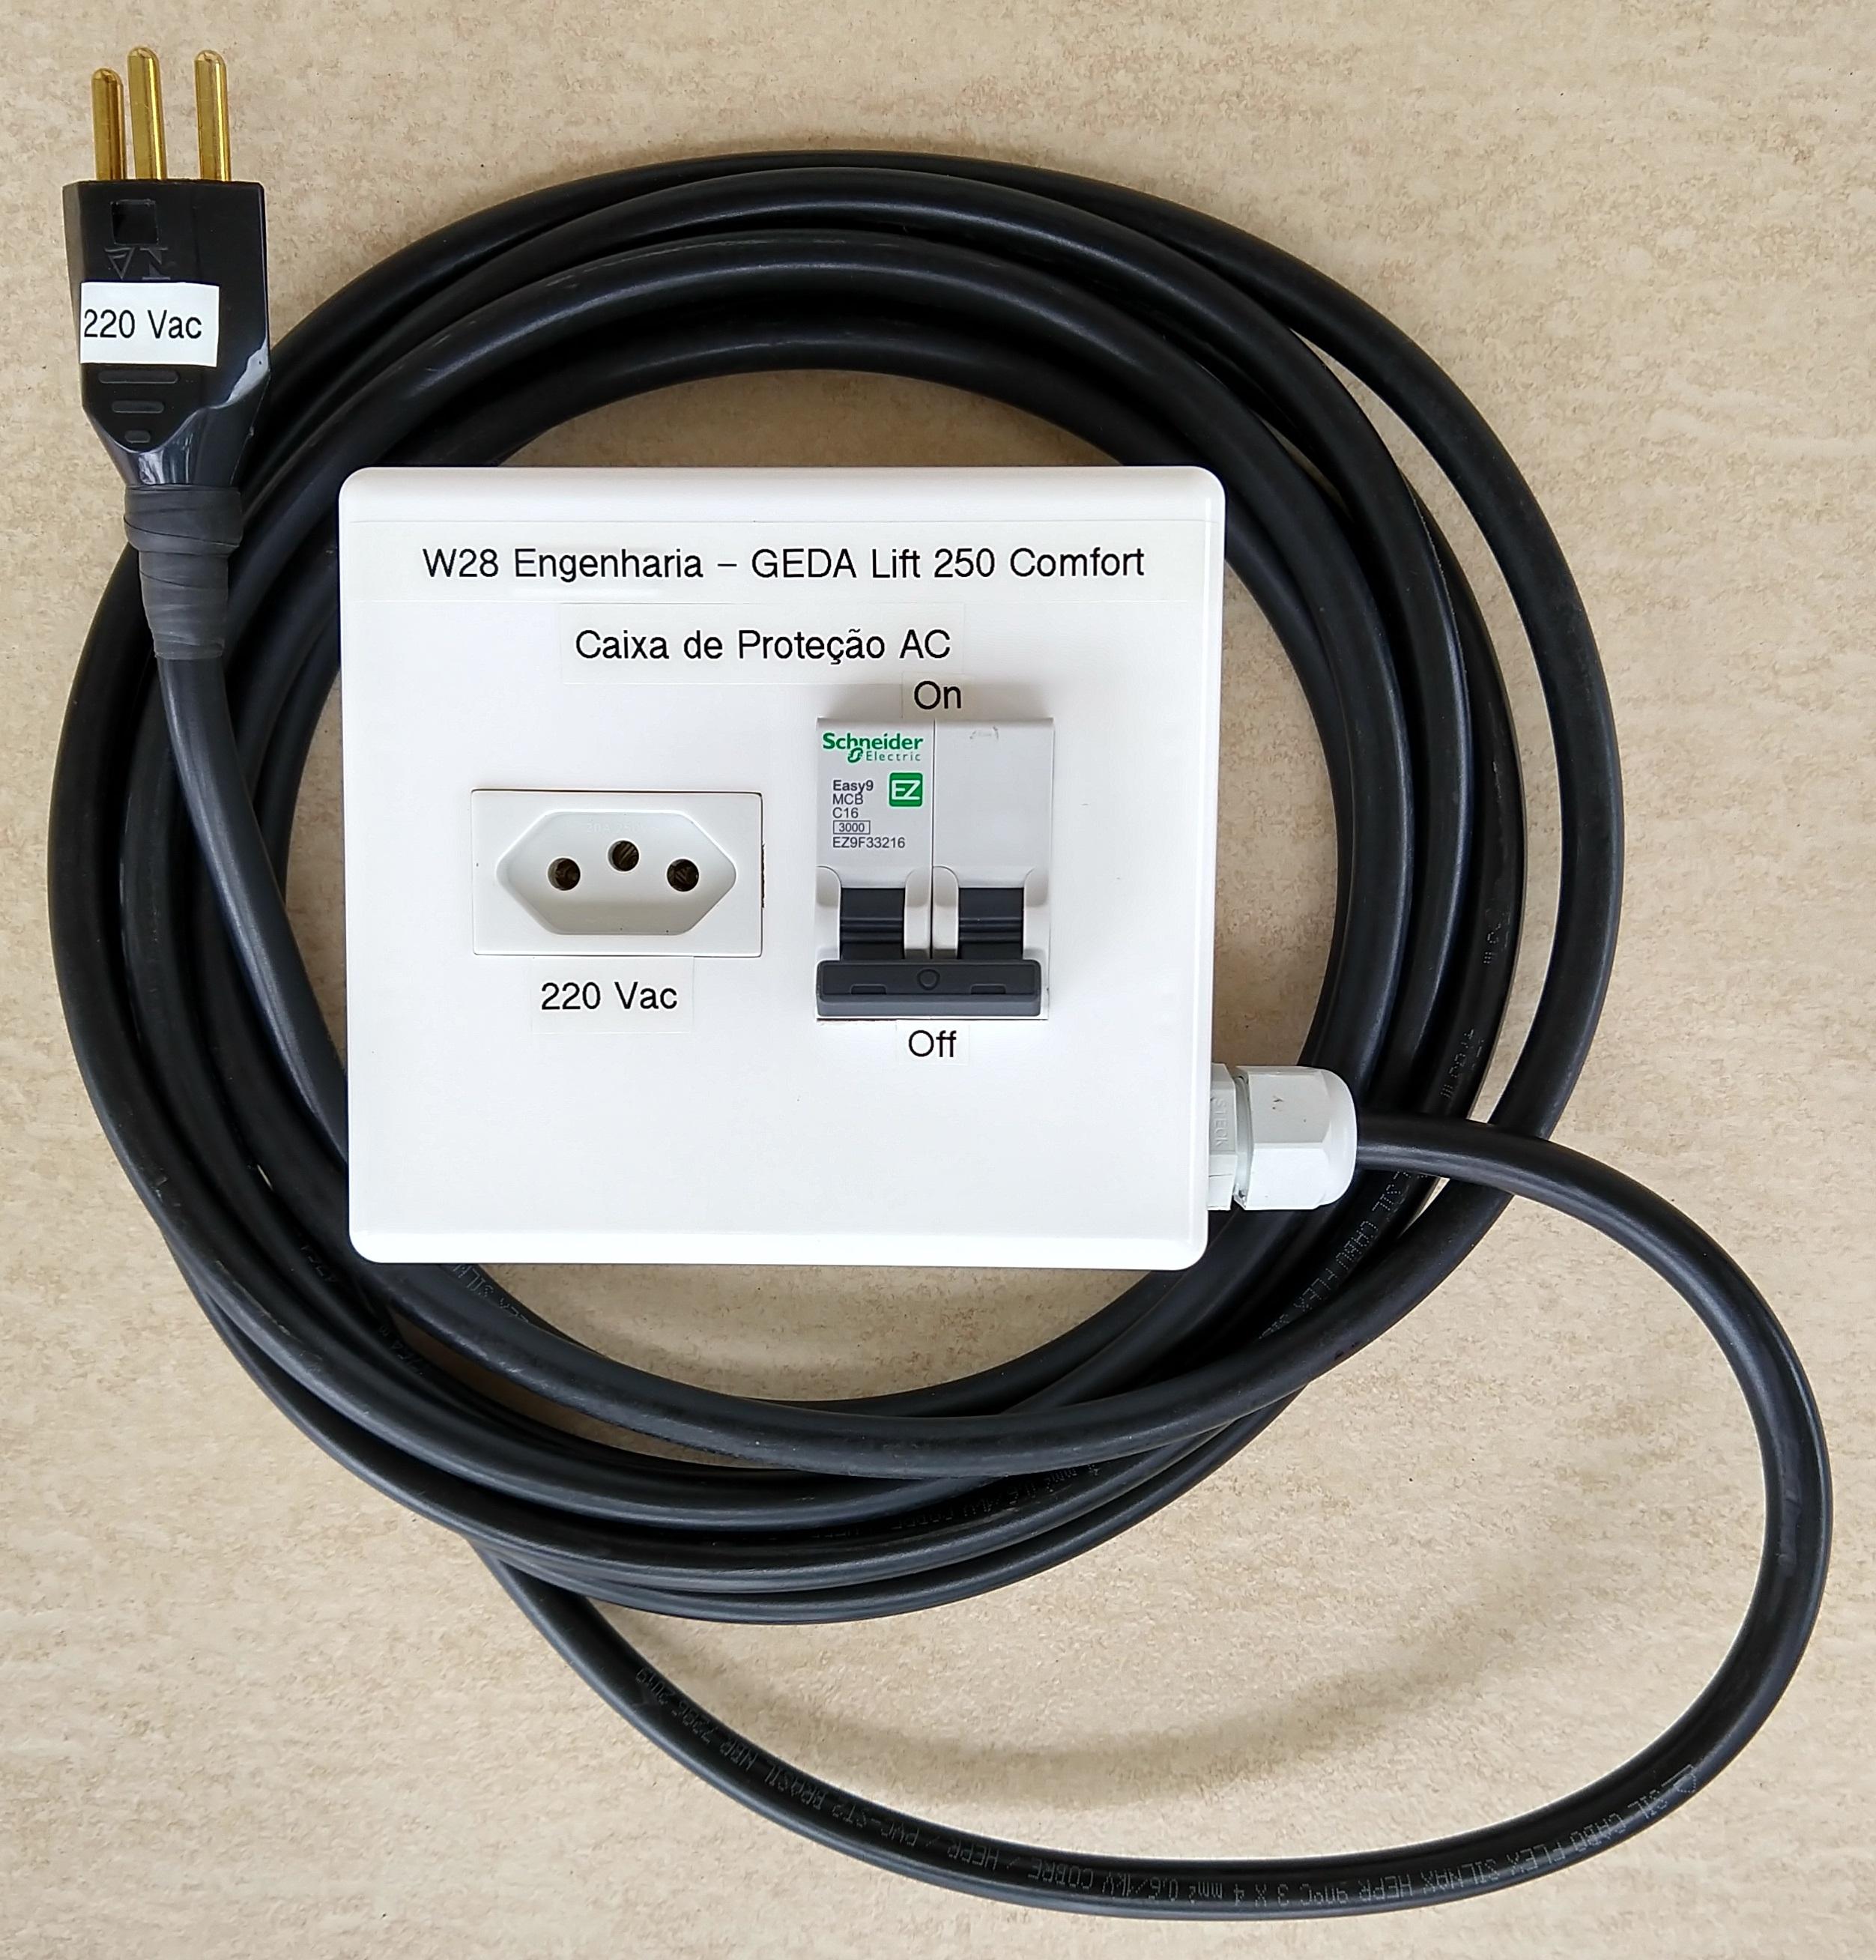 Caixa de Proteção AC para Conexão Elétrica do Guincho do Elevador Inclinado GEDA Lift 250 Comfort